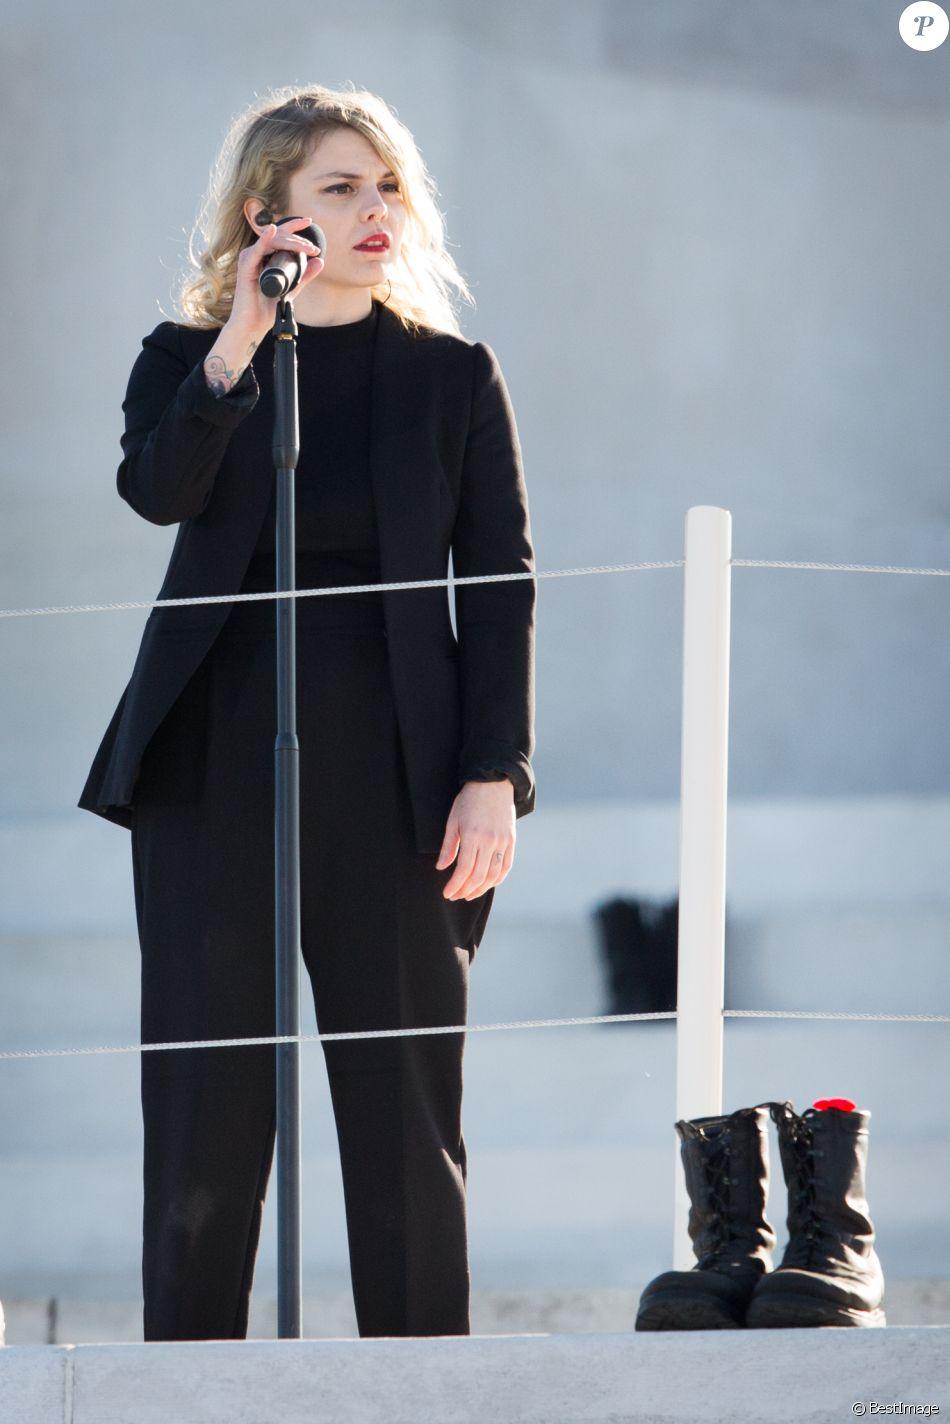 Beatrice Martin (Coeur de Pirate) lors des commémorations des 100 ans de la bataille de la Crête de Vimy, (100 ans jour pour jour, le 9 avril 1917) dans laquelle de nombreux Canadiens ont trouvé la mort lors de la Première Guerre mondiale, au Mémorial national du Canada, à Vimy, France, le 9 avril 2017. © Cyril Moreau/Bestimage